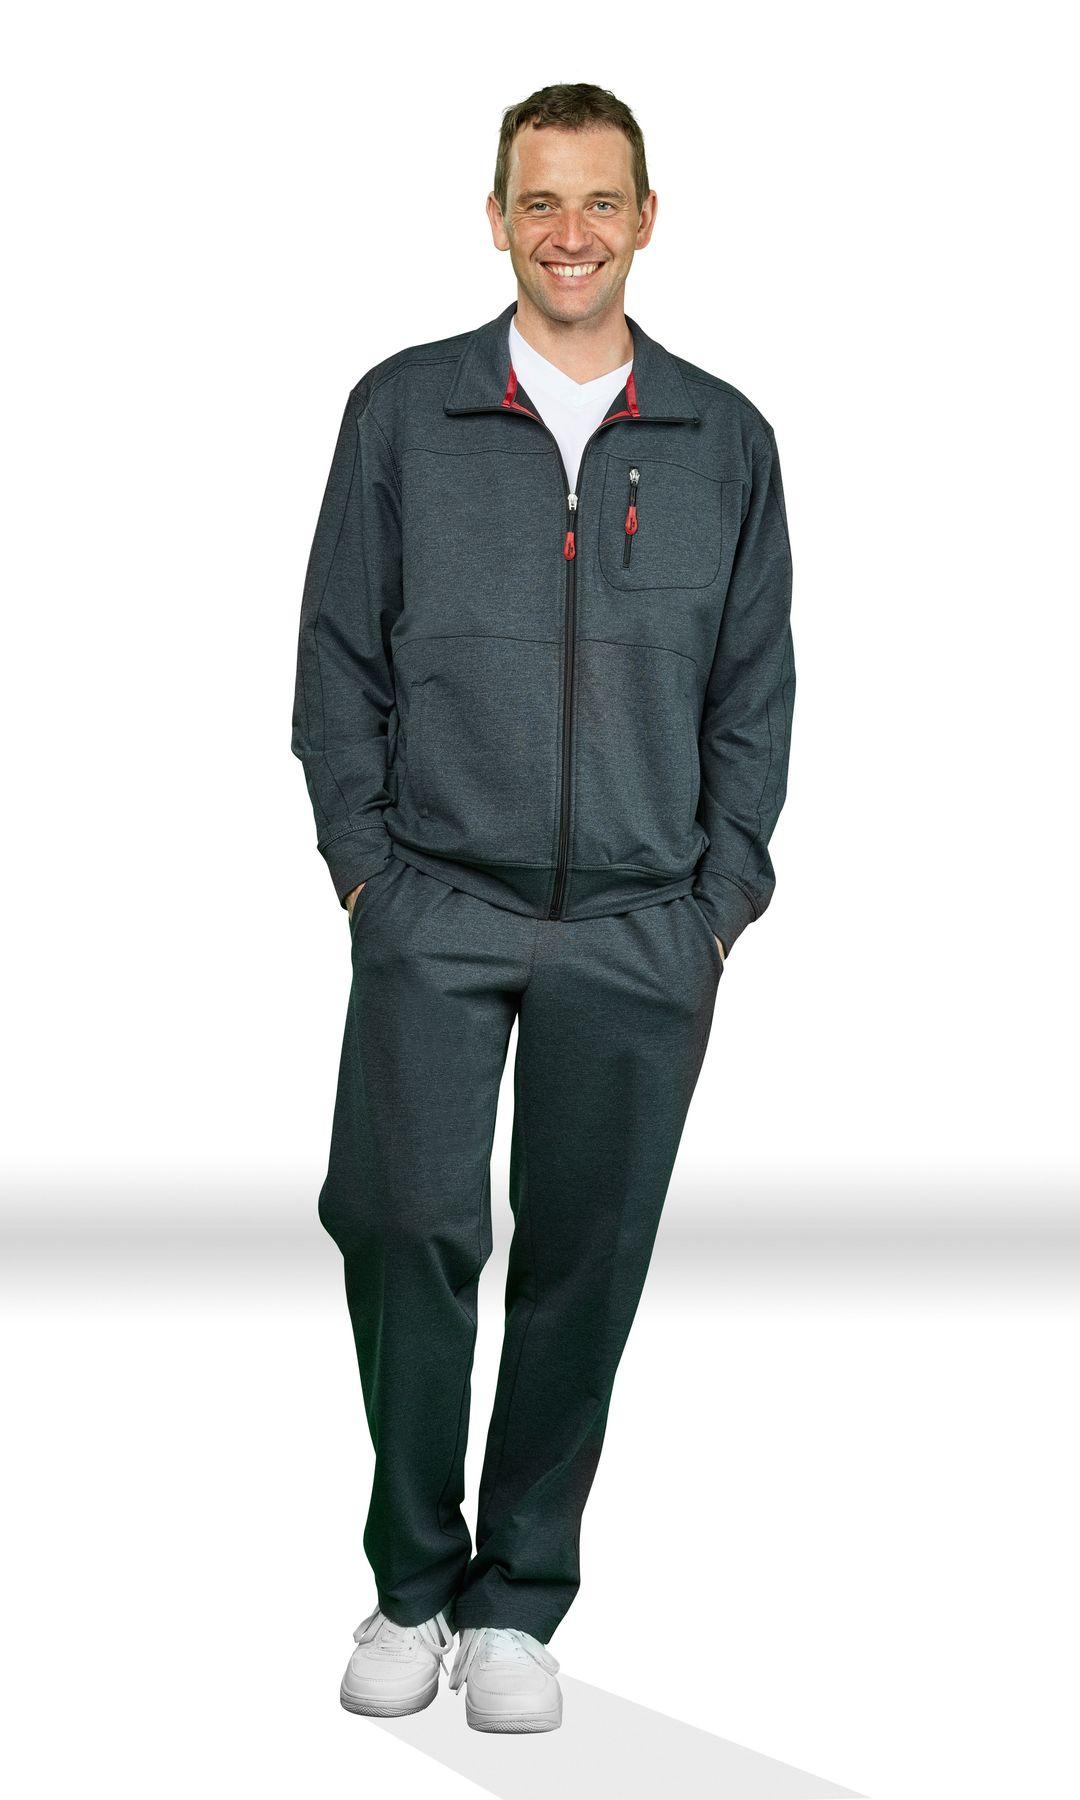 Authentic klein - Herren Sport und Freizeit Jacke aus Baumwollmix in verschiedenen Farben (53033) – Bild 18